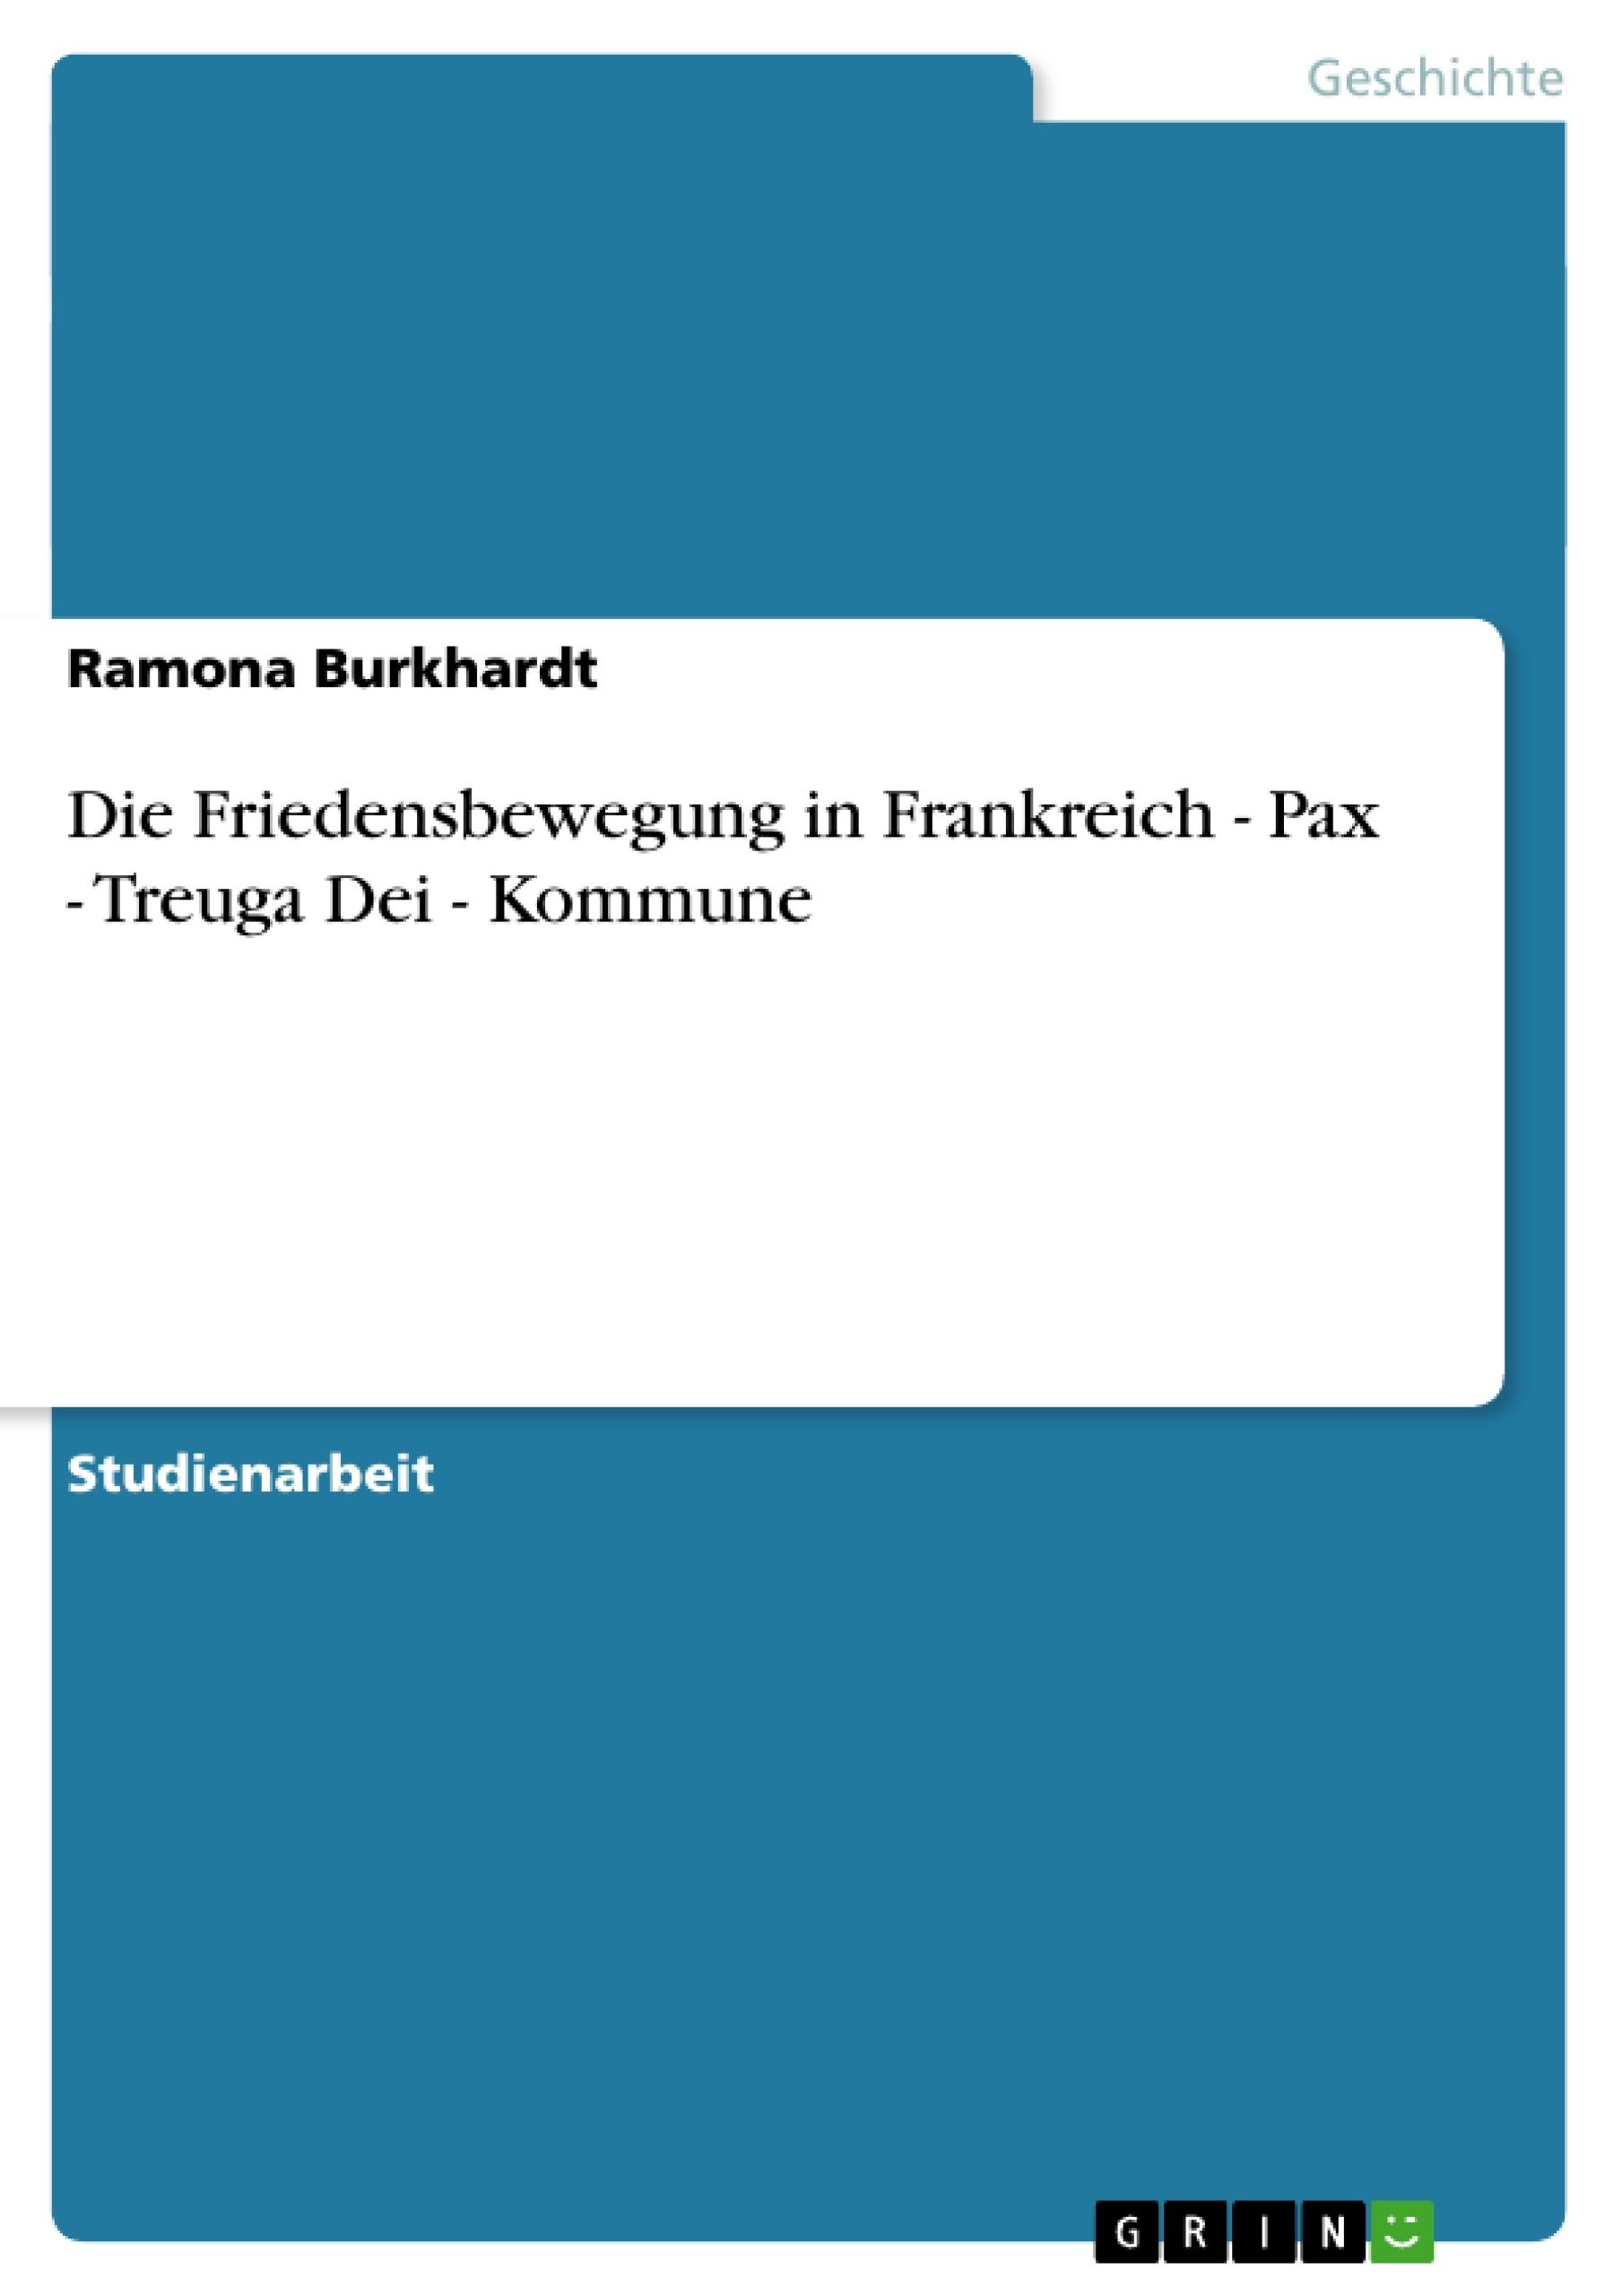 Titel: Die Friedensbewegung in Frankreich - Pax - Treuga Dei - Kommune